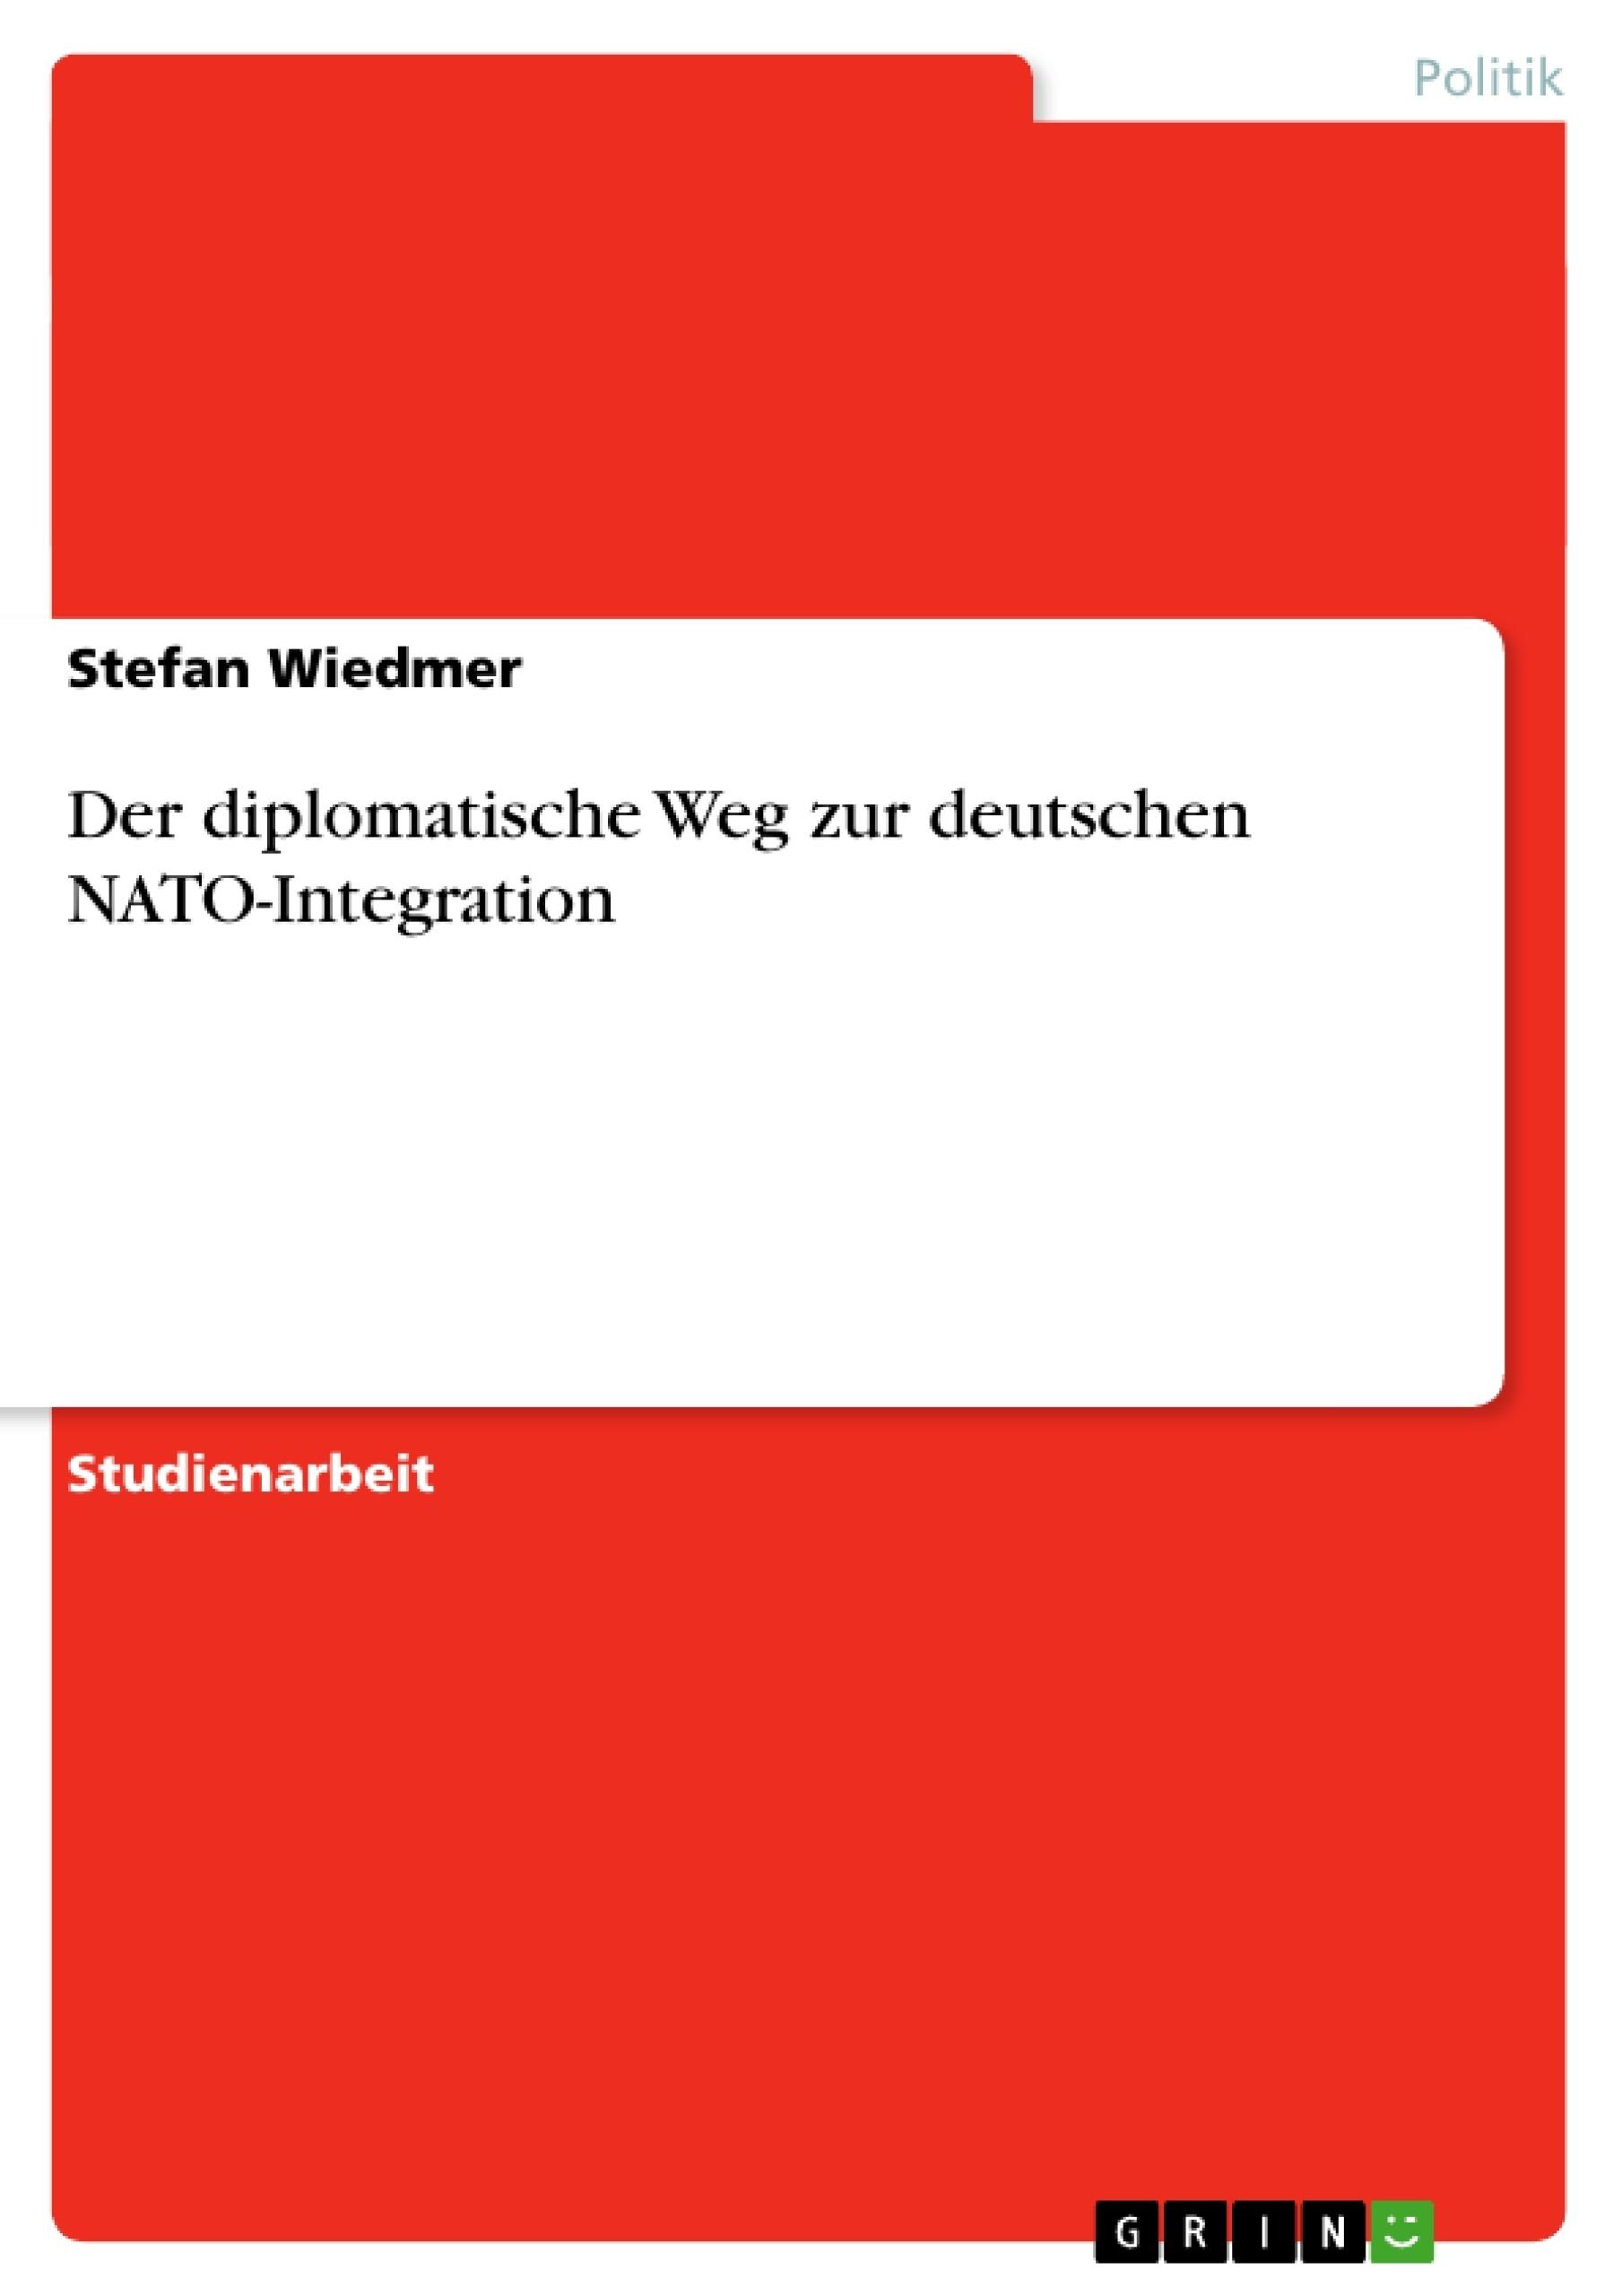 Titel: Der diplomatische Weg zur deutschen NATO-Integration